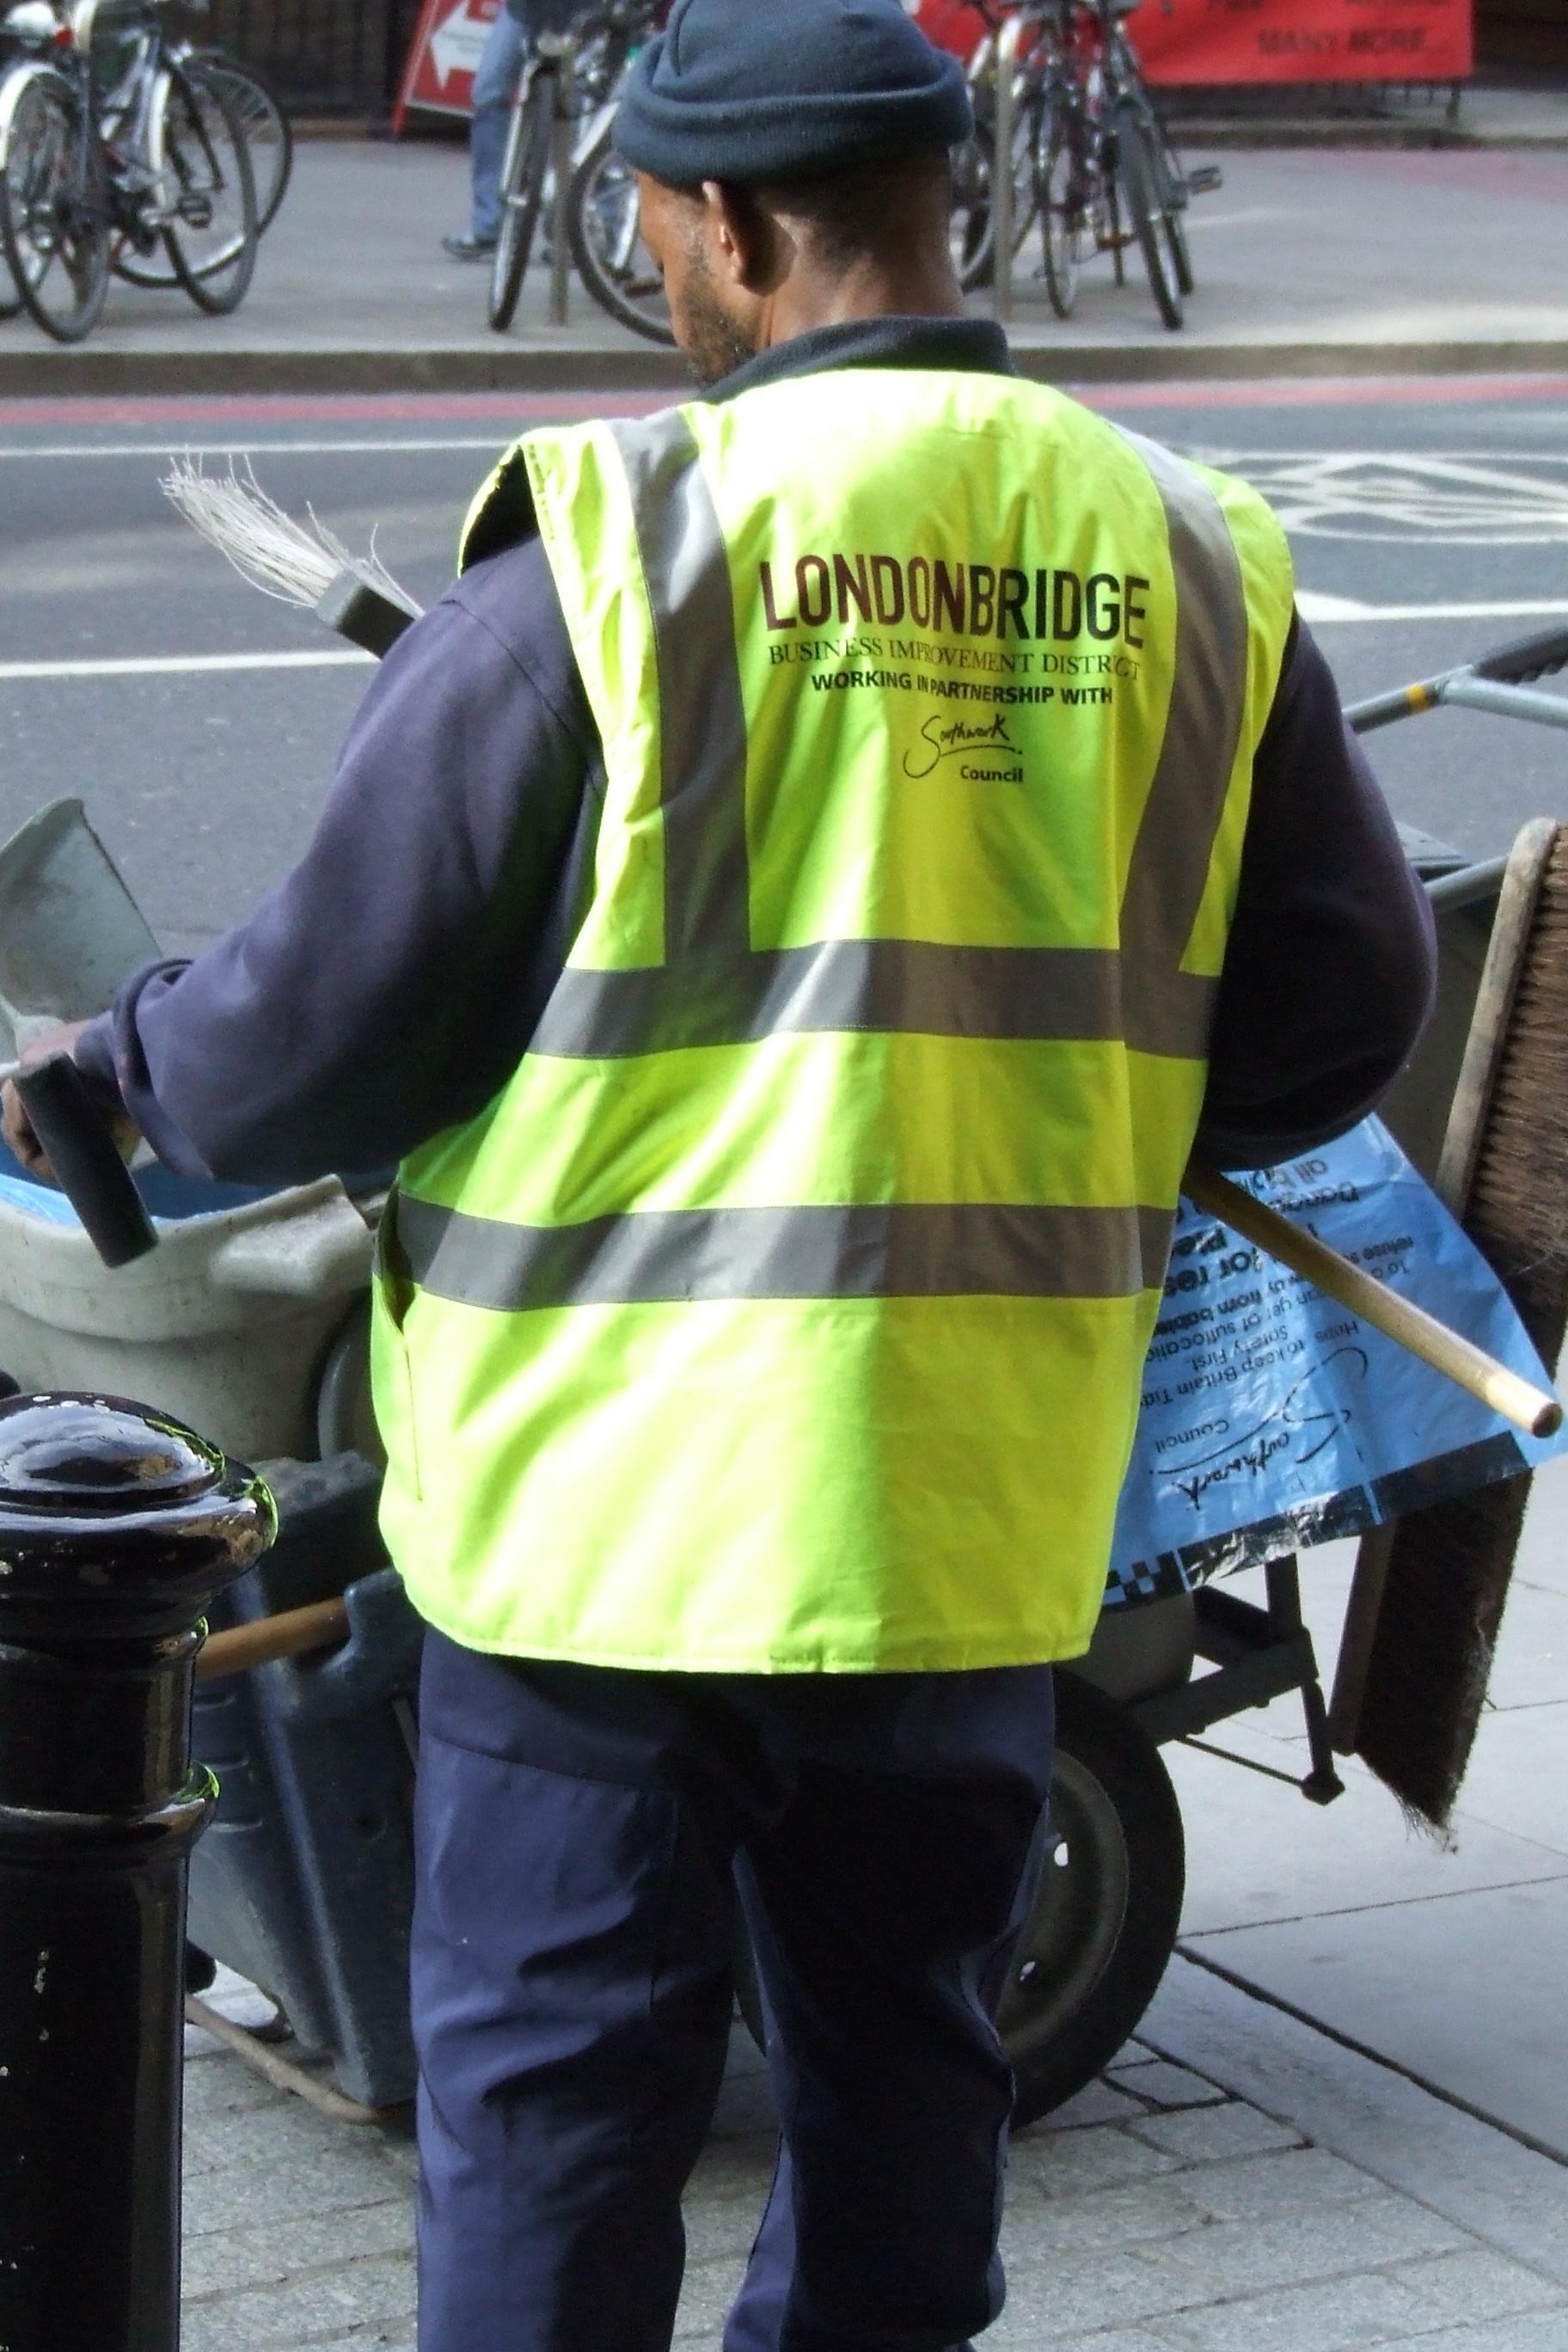 12 mei: Zo maakt u van afval een verdienmodel voor uw community